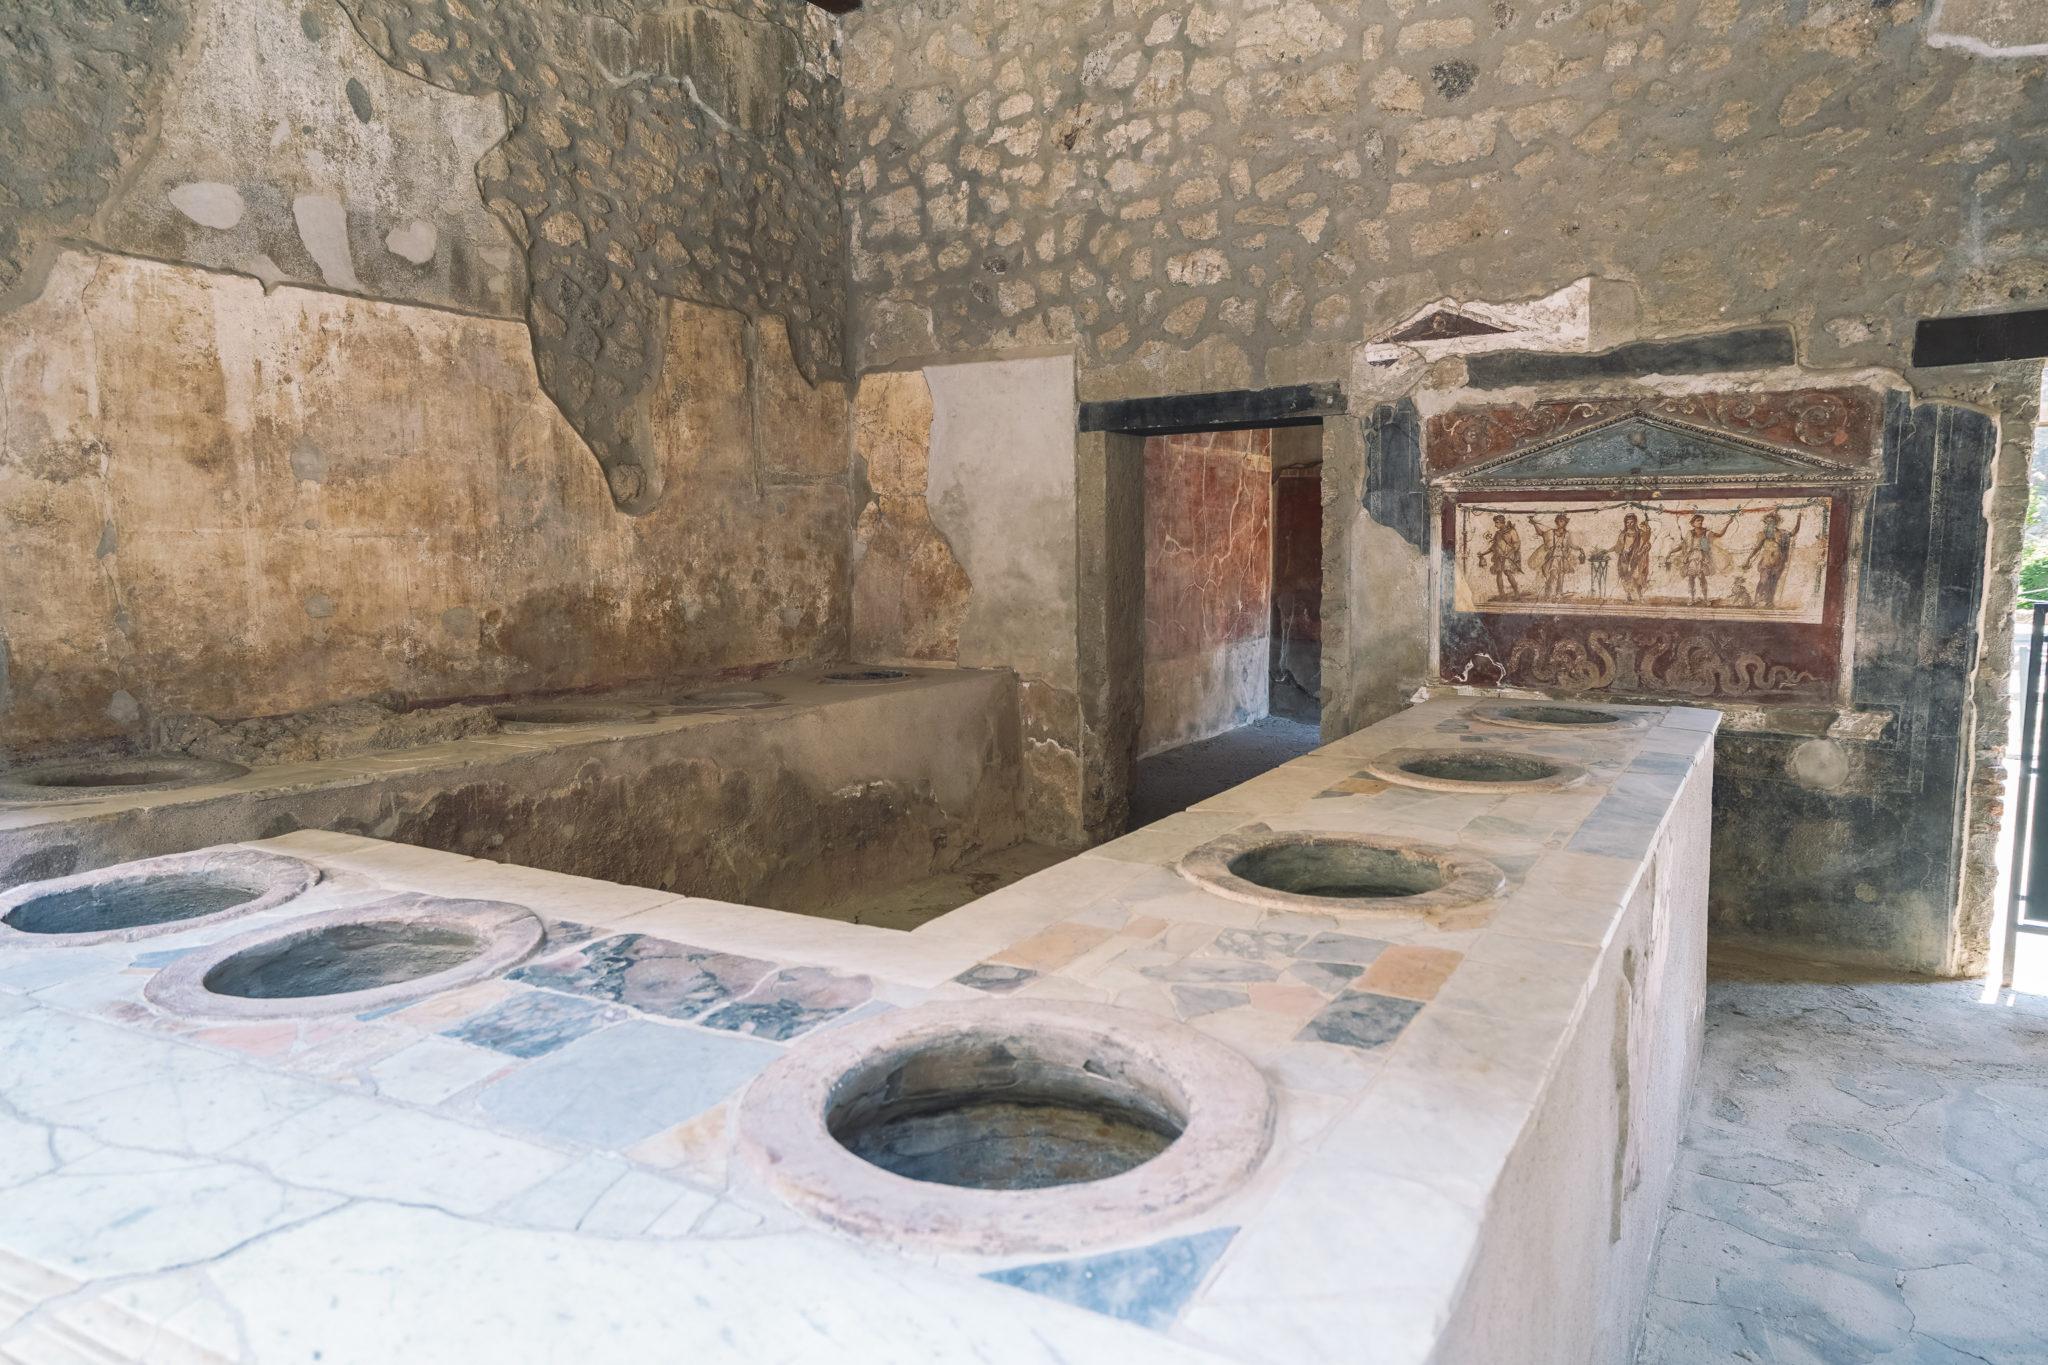 Visite-pompei-comment-commerçant-commerce-ruines